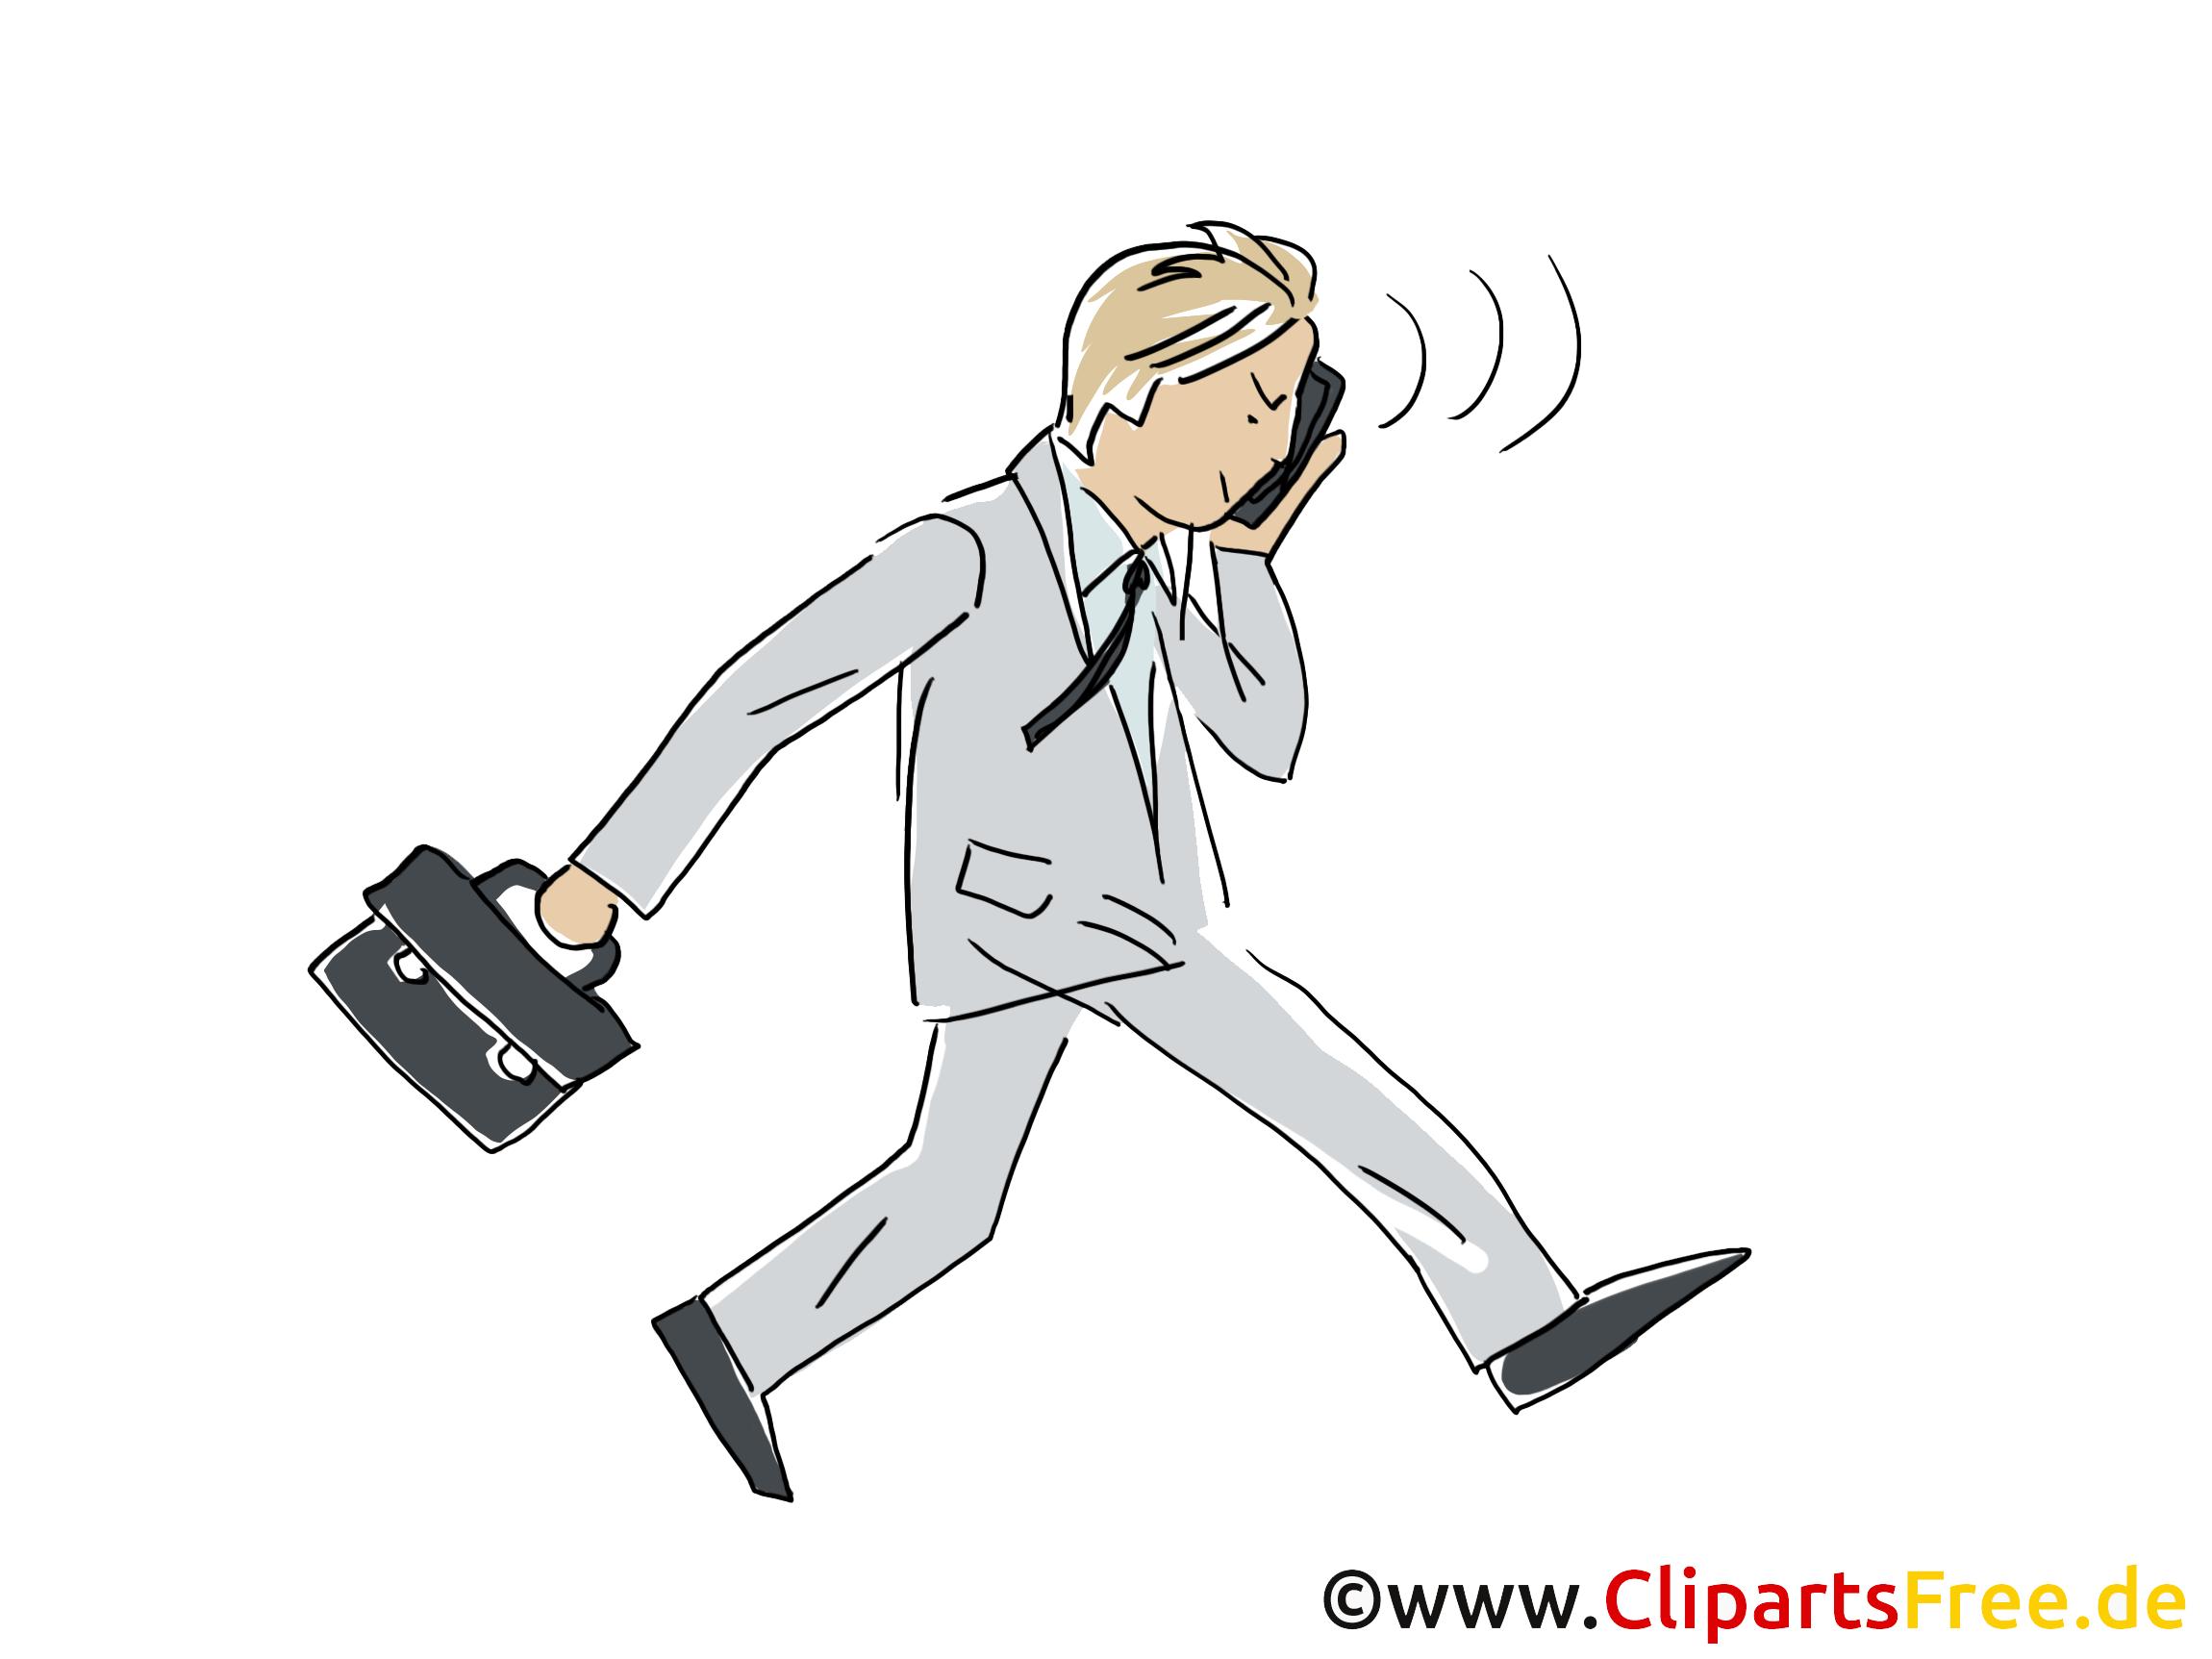 Geschäftsmann läuft und spricht per Handy Clipart, Bild